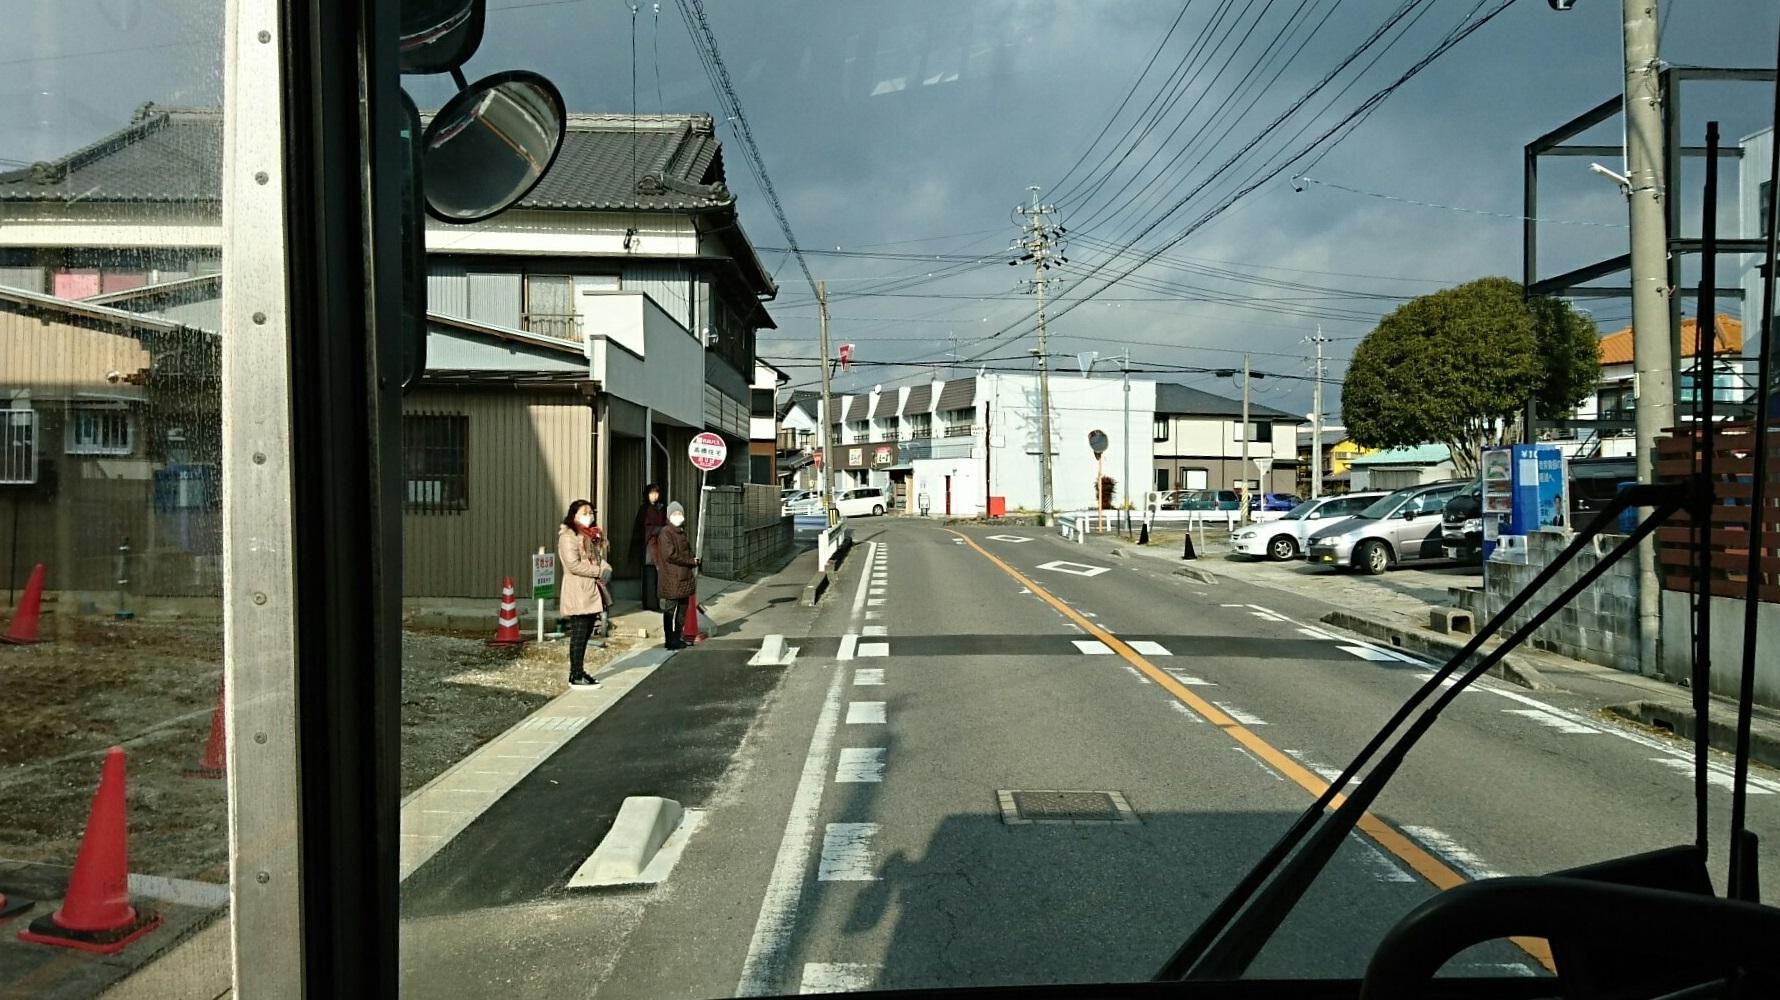 2018.2.5 東山住宅線 (55) 高橋住宅バス停 1780-1000